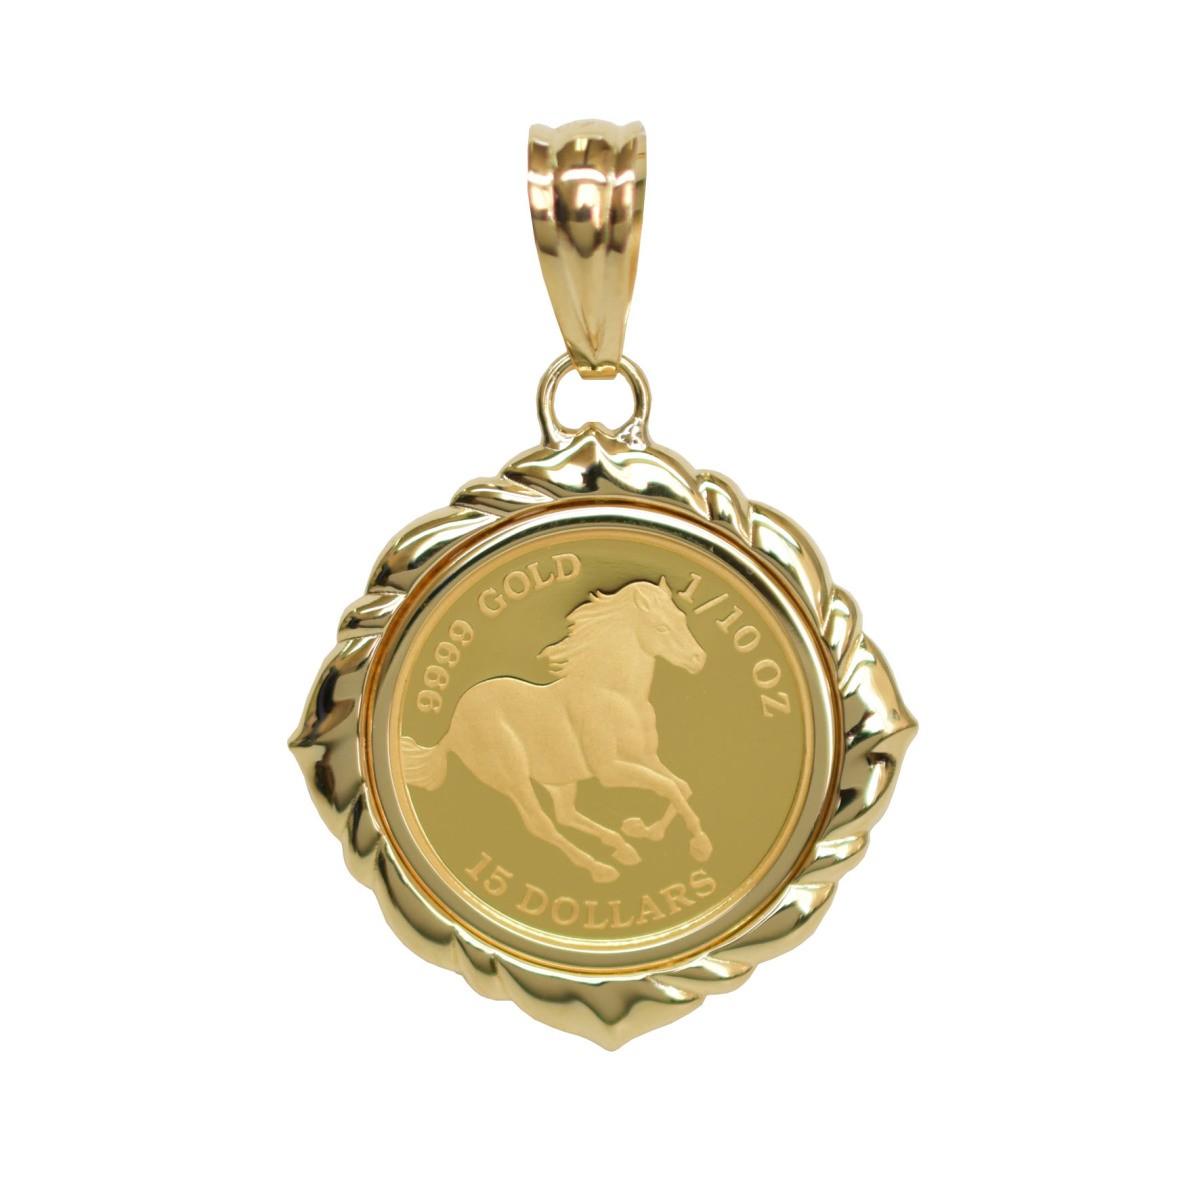 ツバル/ホースコイン金貨 K24(純金 K24) 1/10オンス ホースコイン K18枠付きペンダントトップ